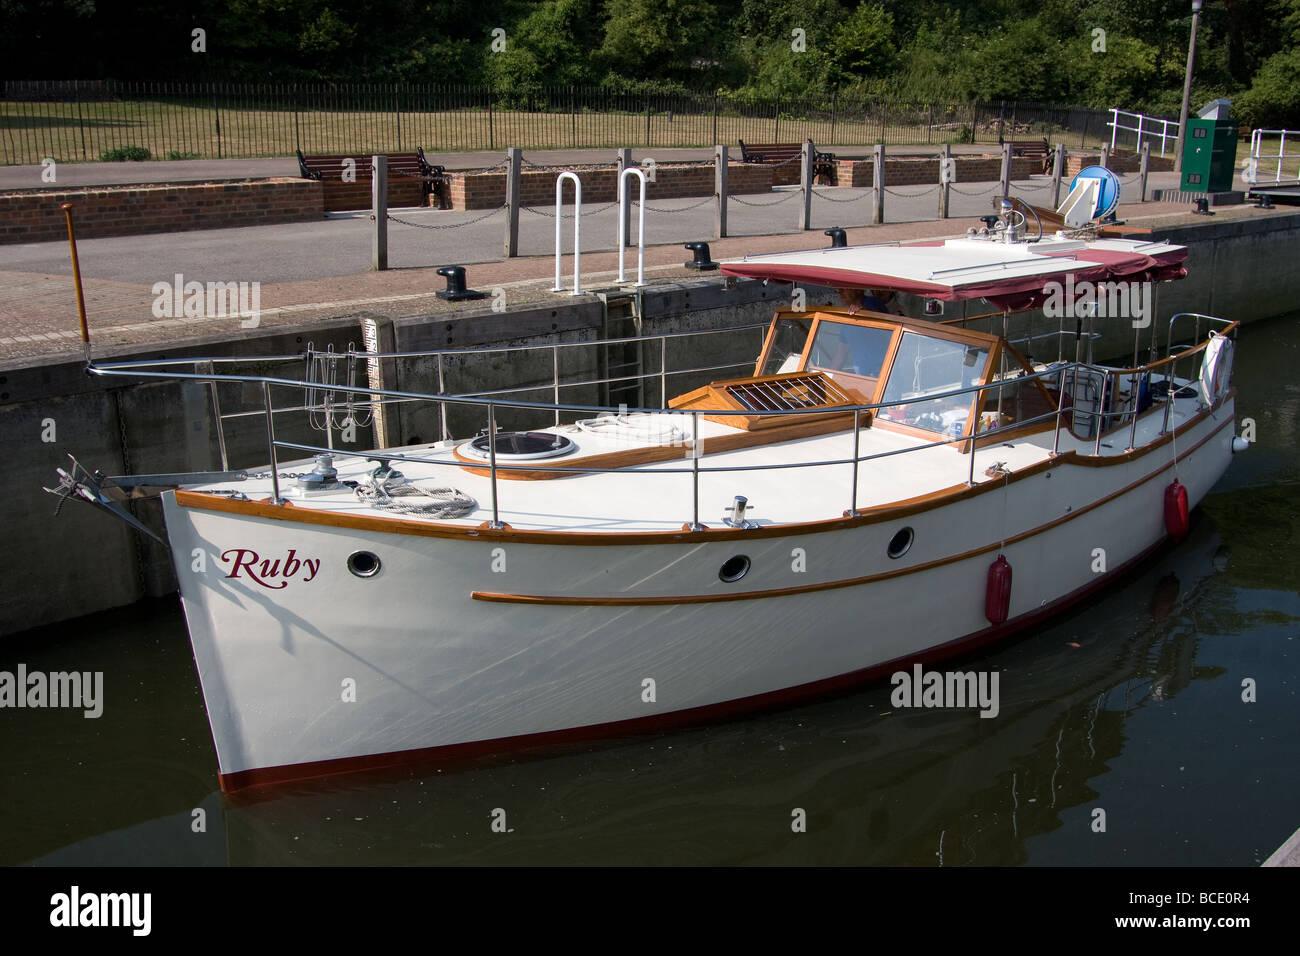 leisure boating Allington Lock River Medway Maidstone Kent England UK eUROPE Stock Photo